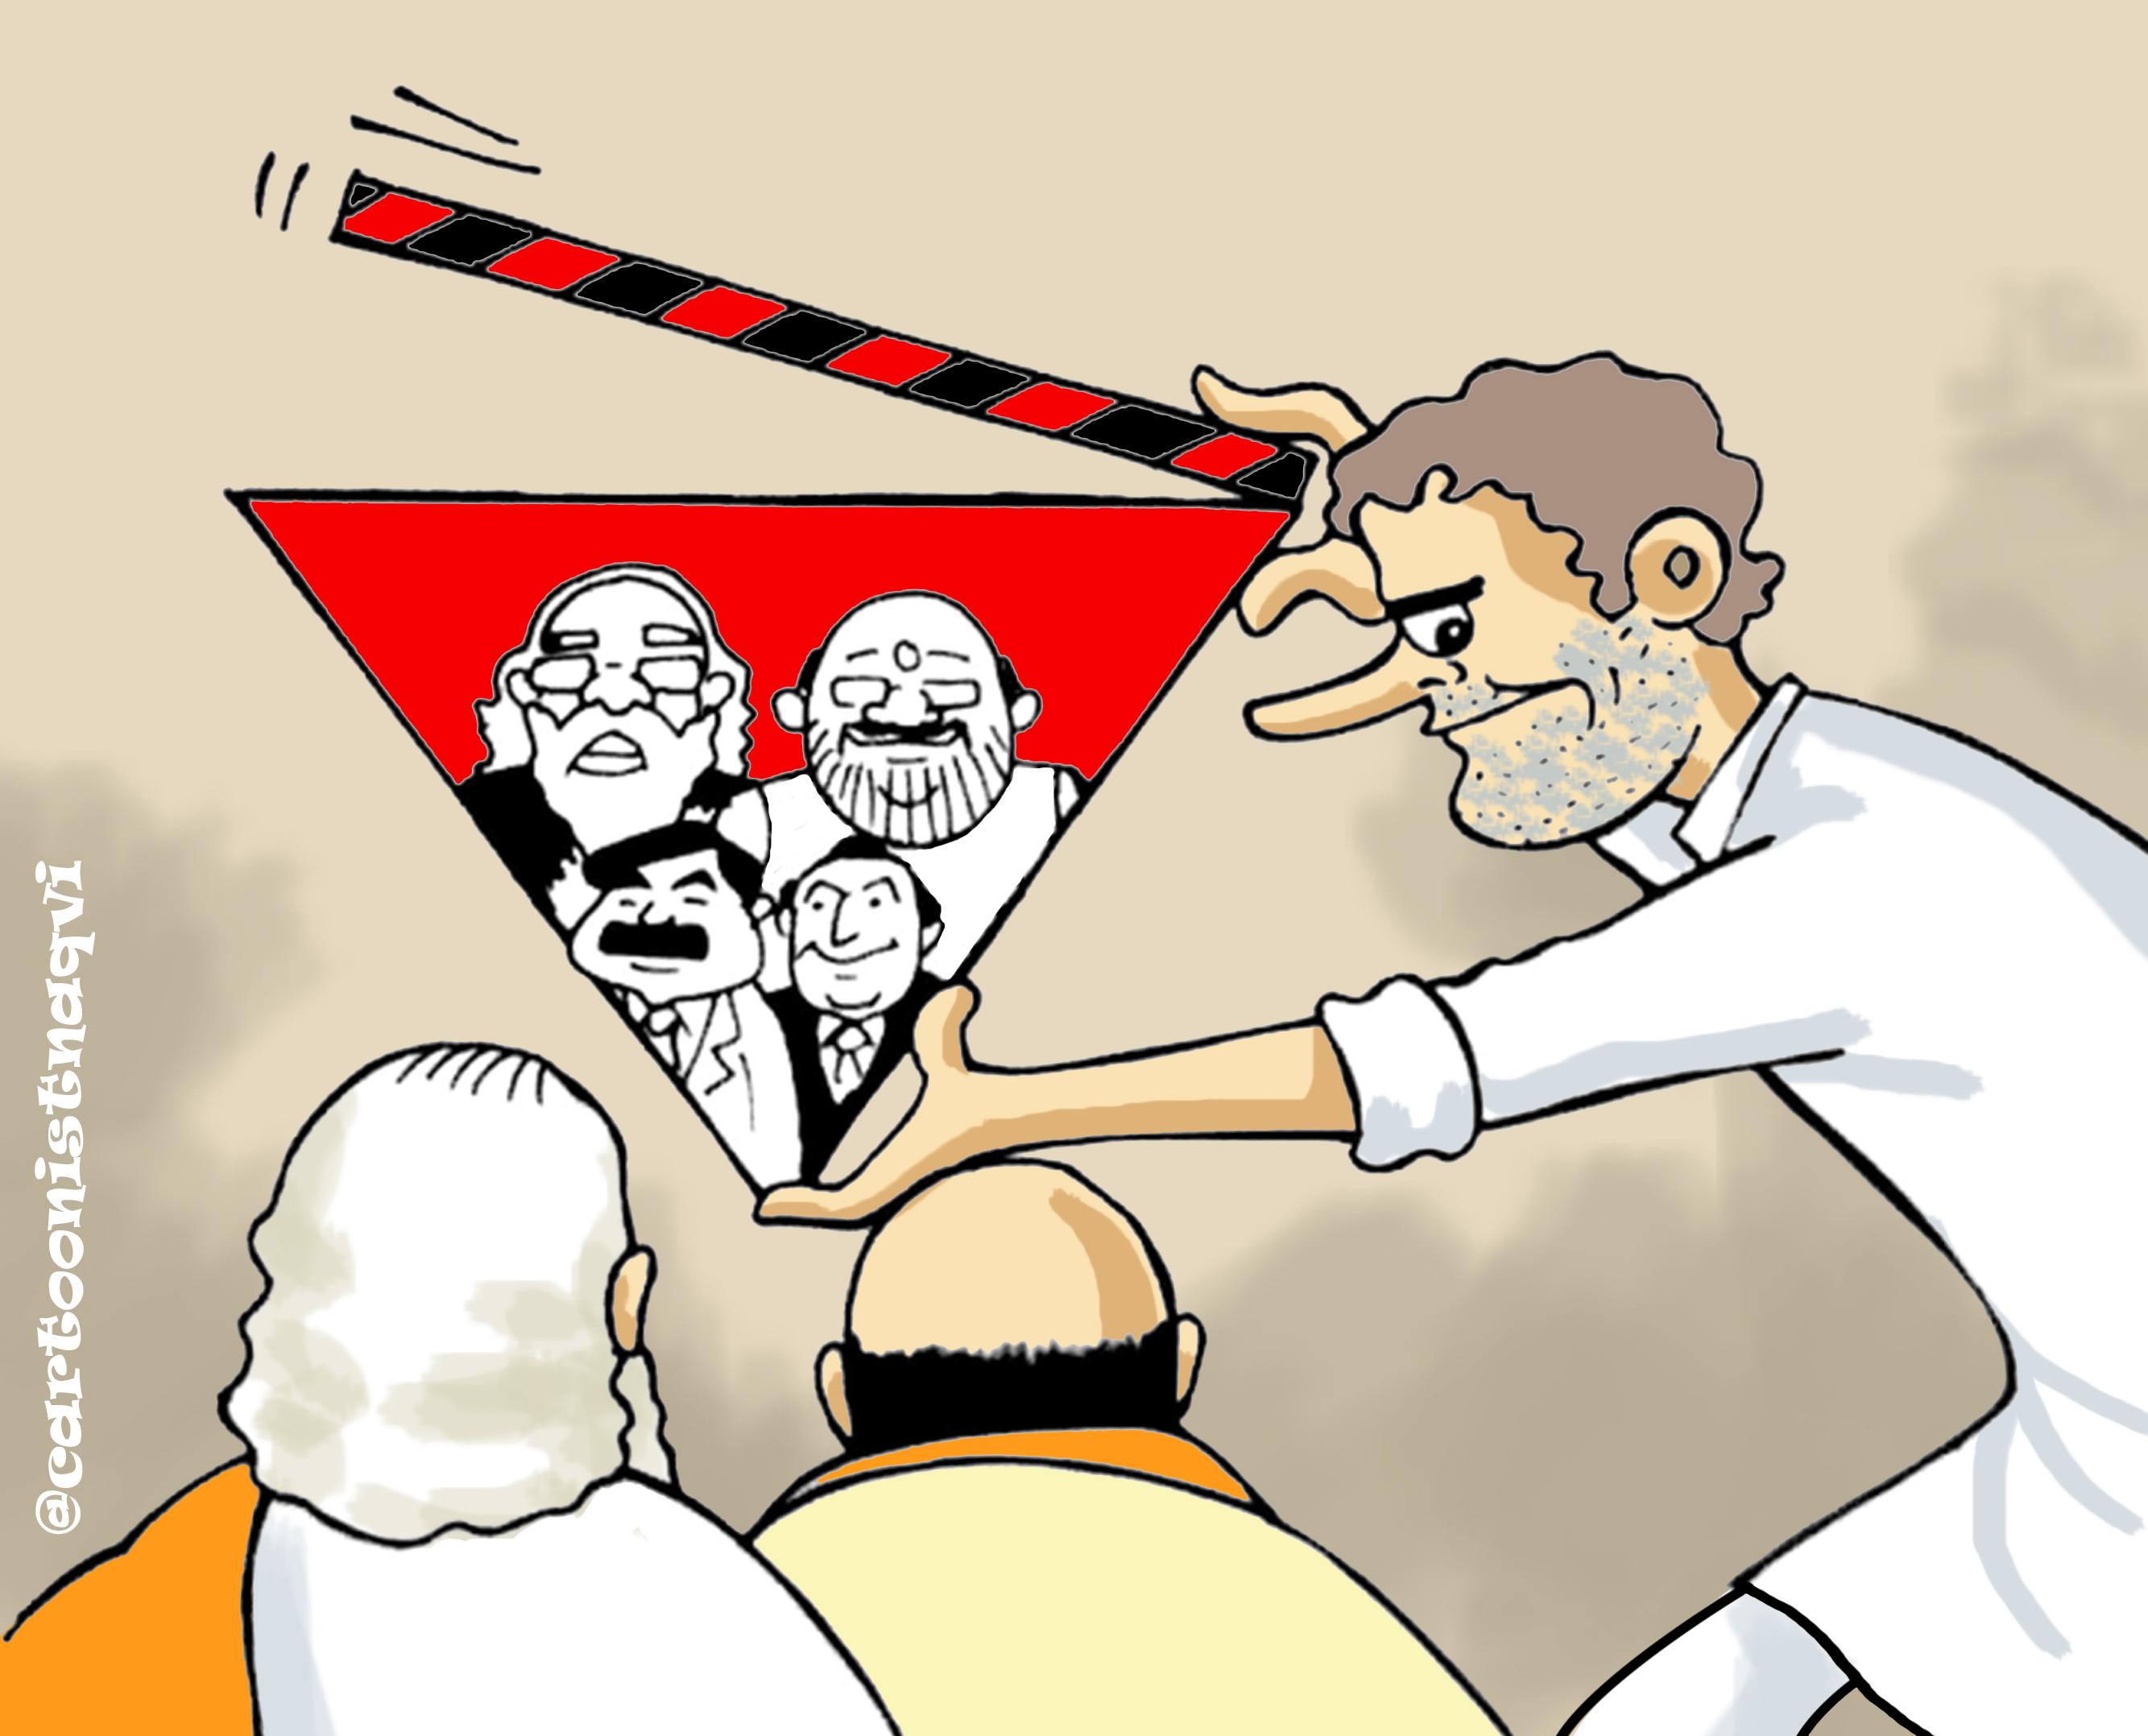 राहुल गांधी का मोदी और शाह पर तंज- देश को चार लोग चलाते हैं, हम दो और हमारे दो|देश,National - Dainik Bhaskar